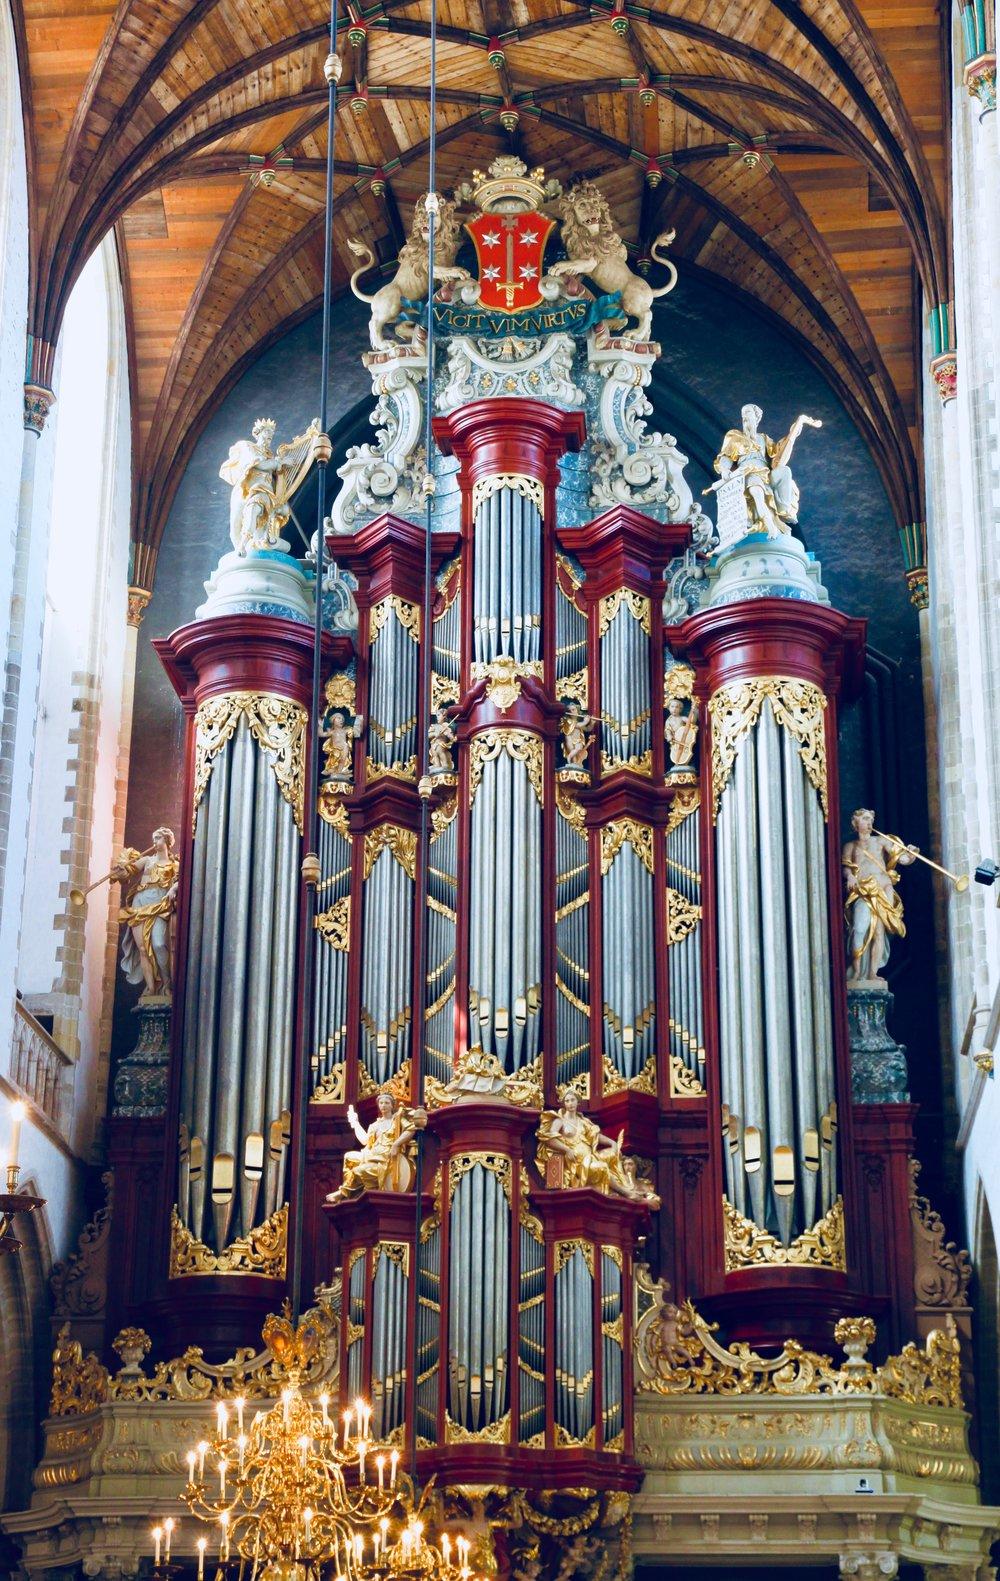 The facade of the Christian Muller organ at St.-Bavokerk, Haarlem. Boston Organ Studio.